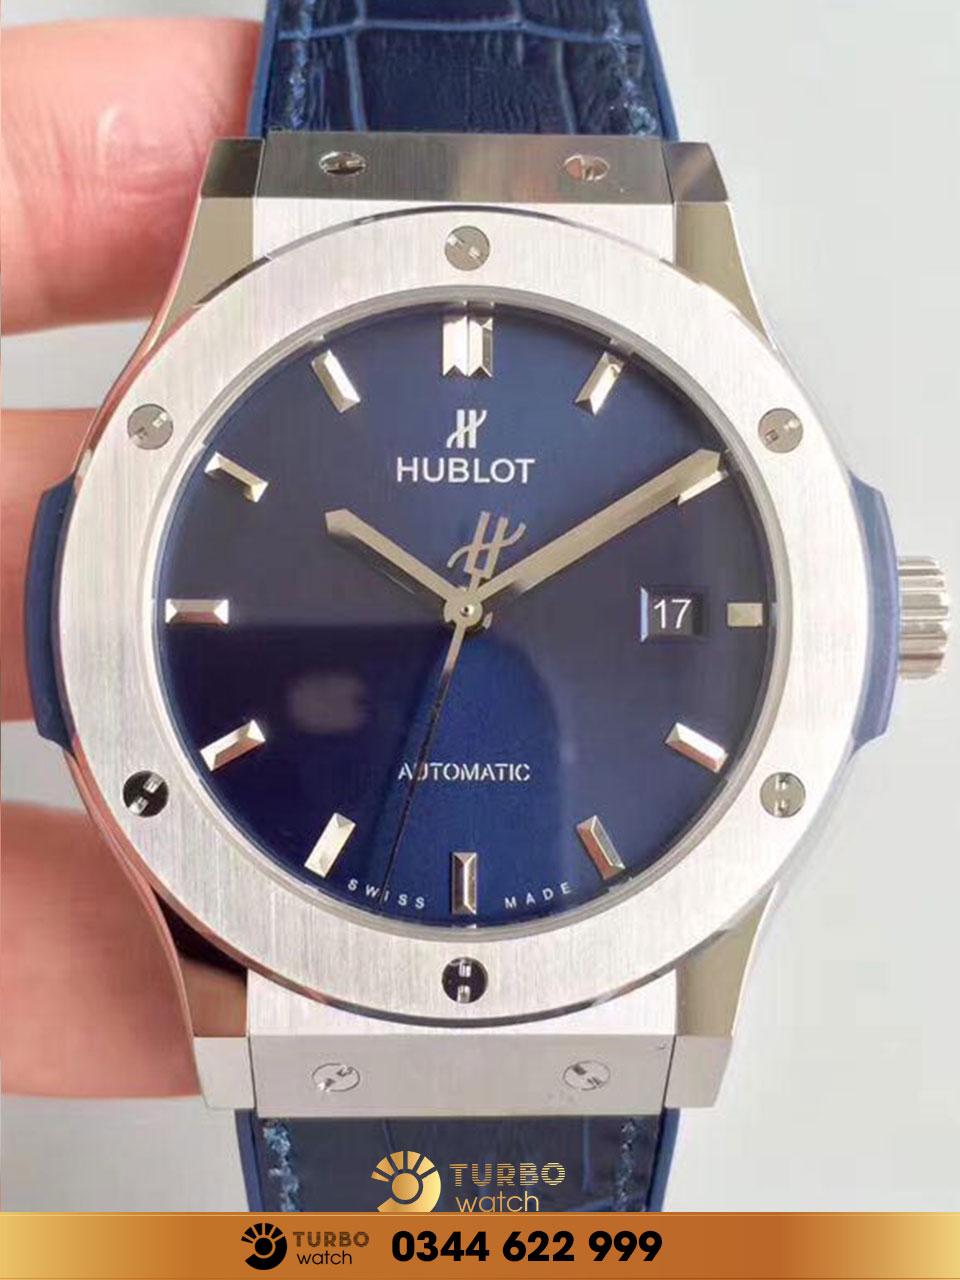 Đồng hồ Hublot sang trọng tại Turbo Watch